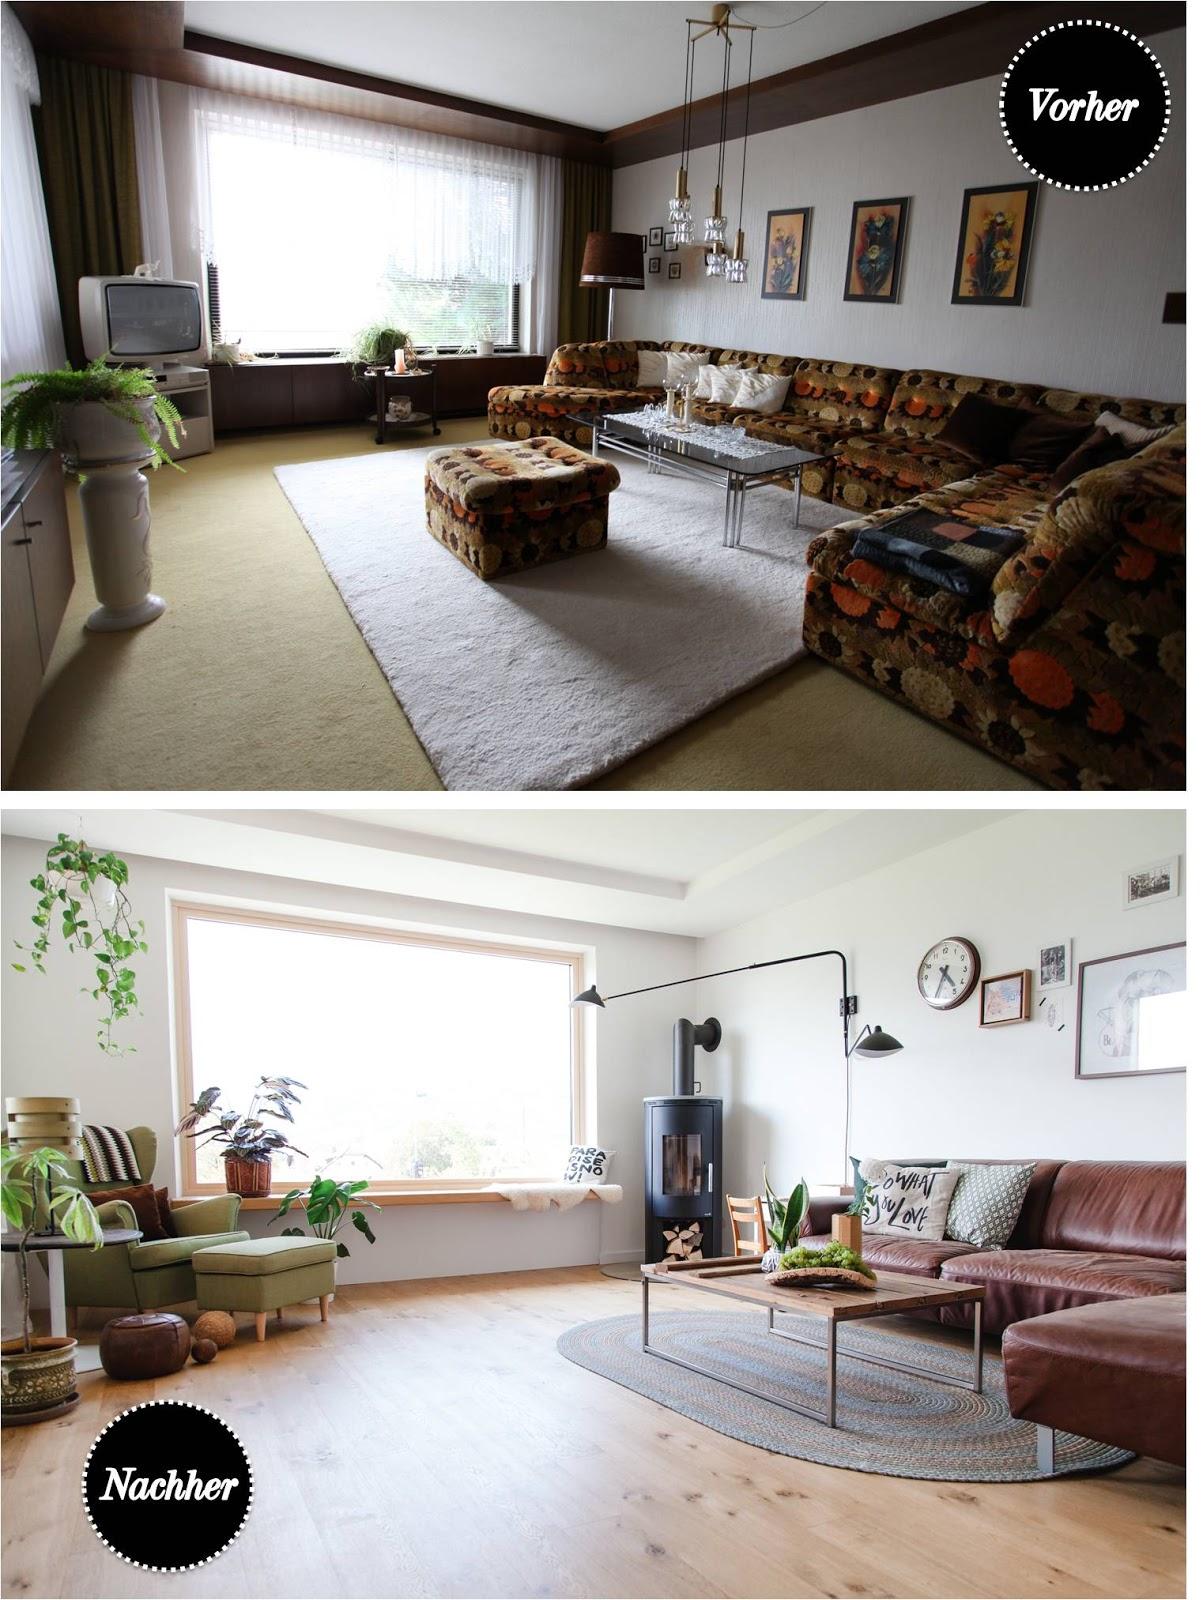 vorher nachher mein lieblingsraum unser wohnzimmer gro es esszimmer einrichten. Black Bedroom Furniture Sets. Home Design Ideas